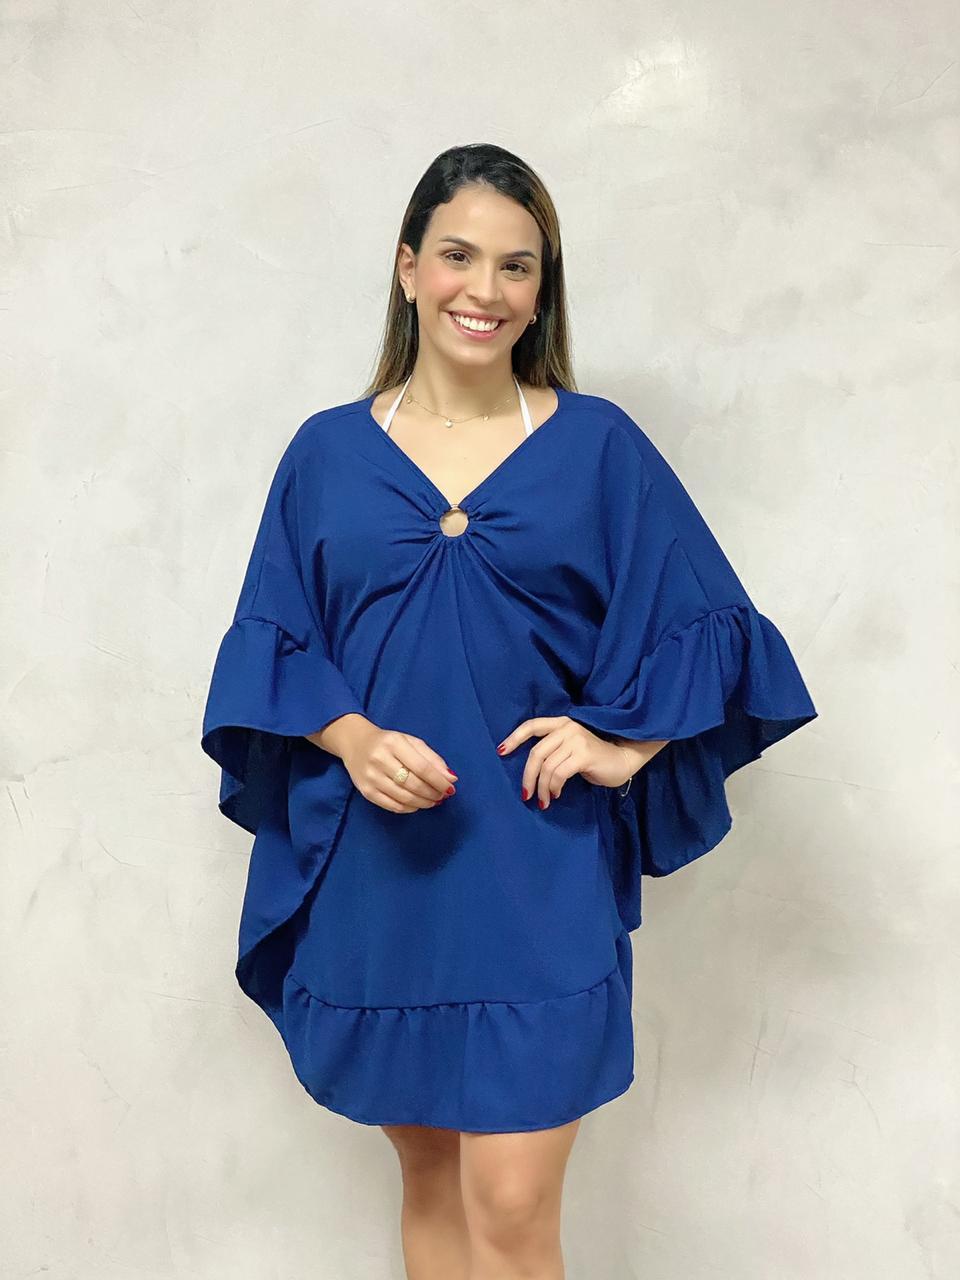 Kafta Argola Babados Azul   - RMCE BRAZIL